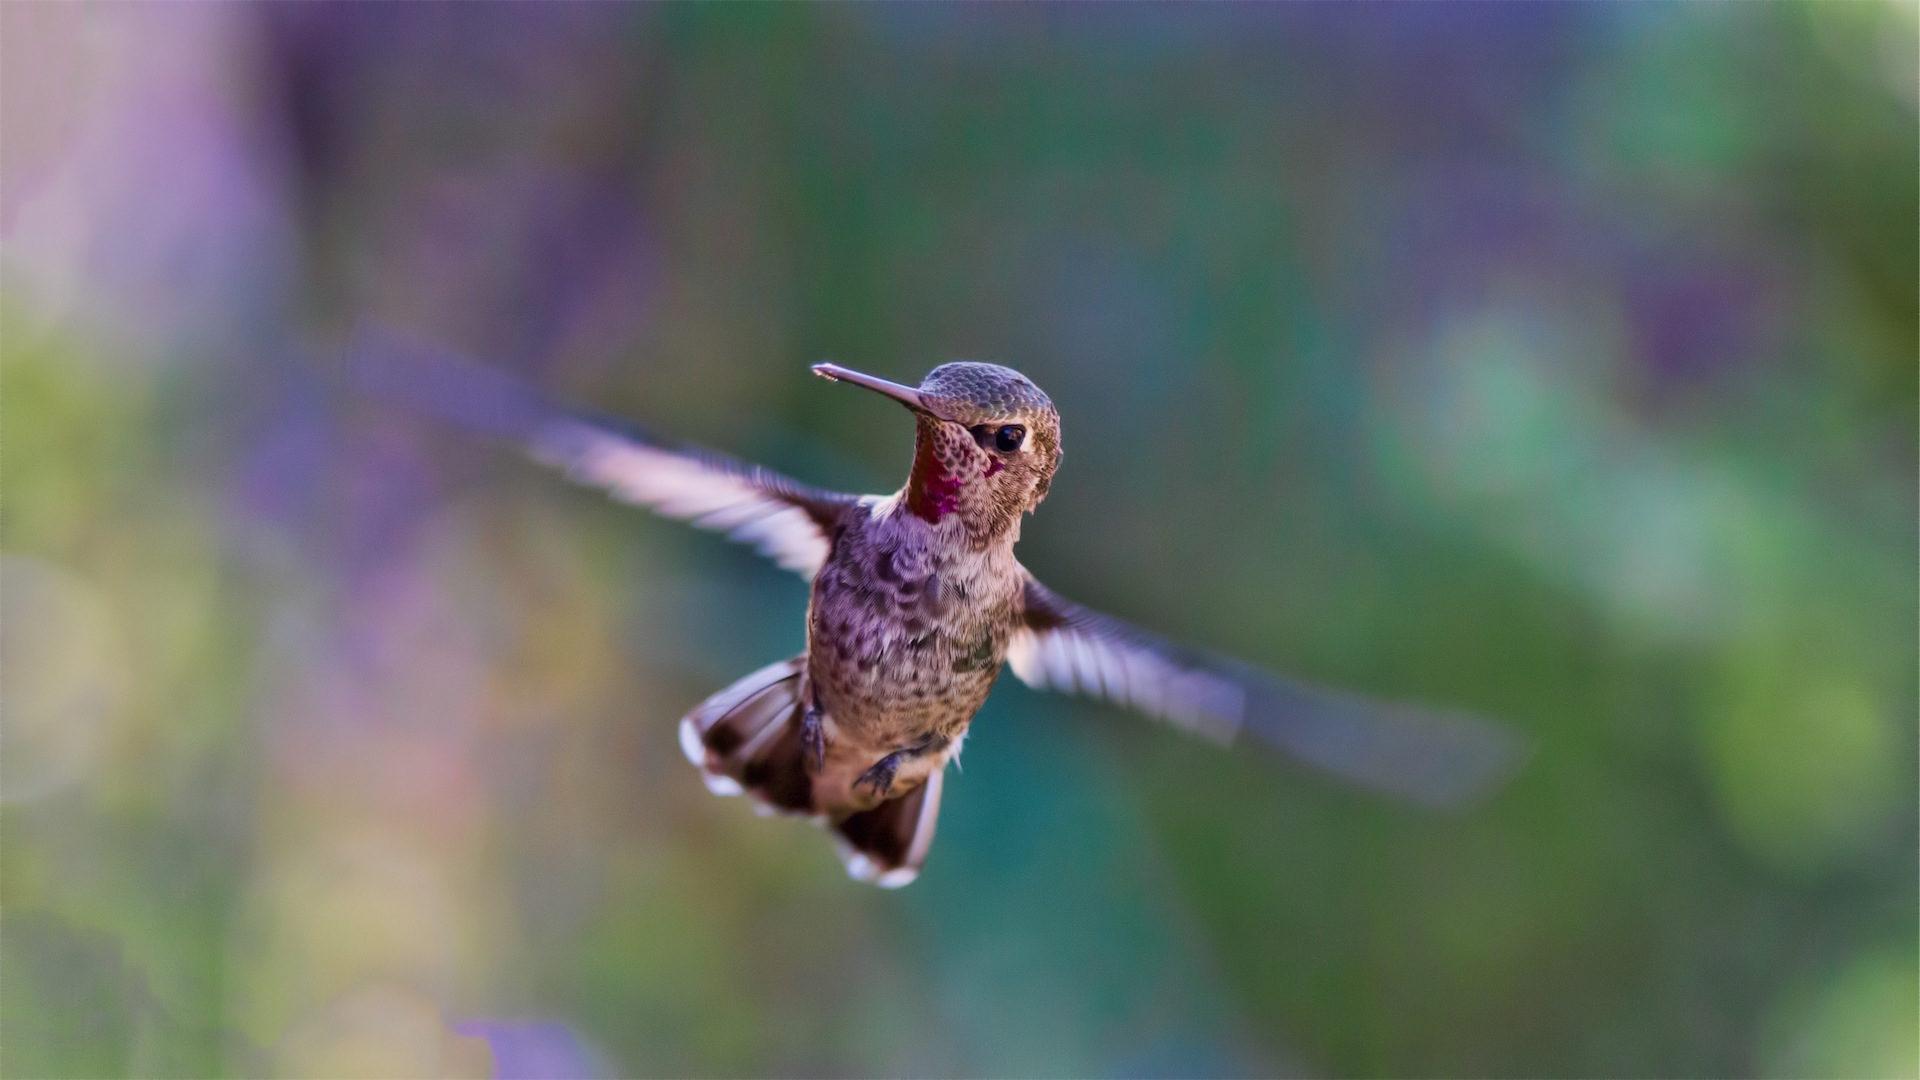 Beija-flor, asas, Pássaro, voar, remoção das barbatanas de tubarão - Papéis de parede HD - Professor-falken.com